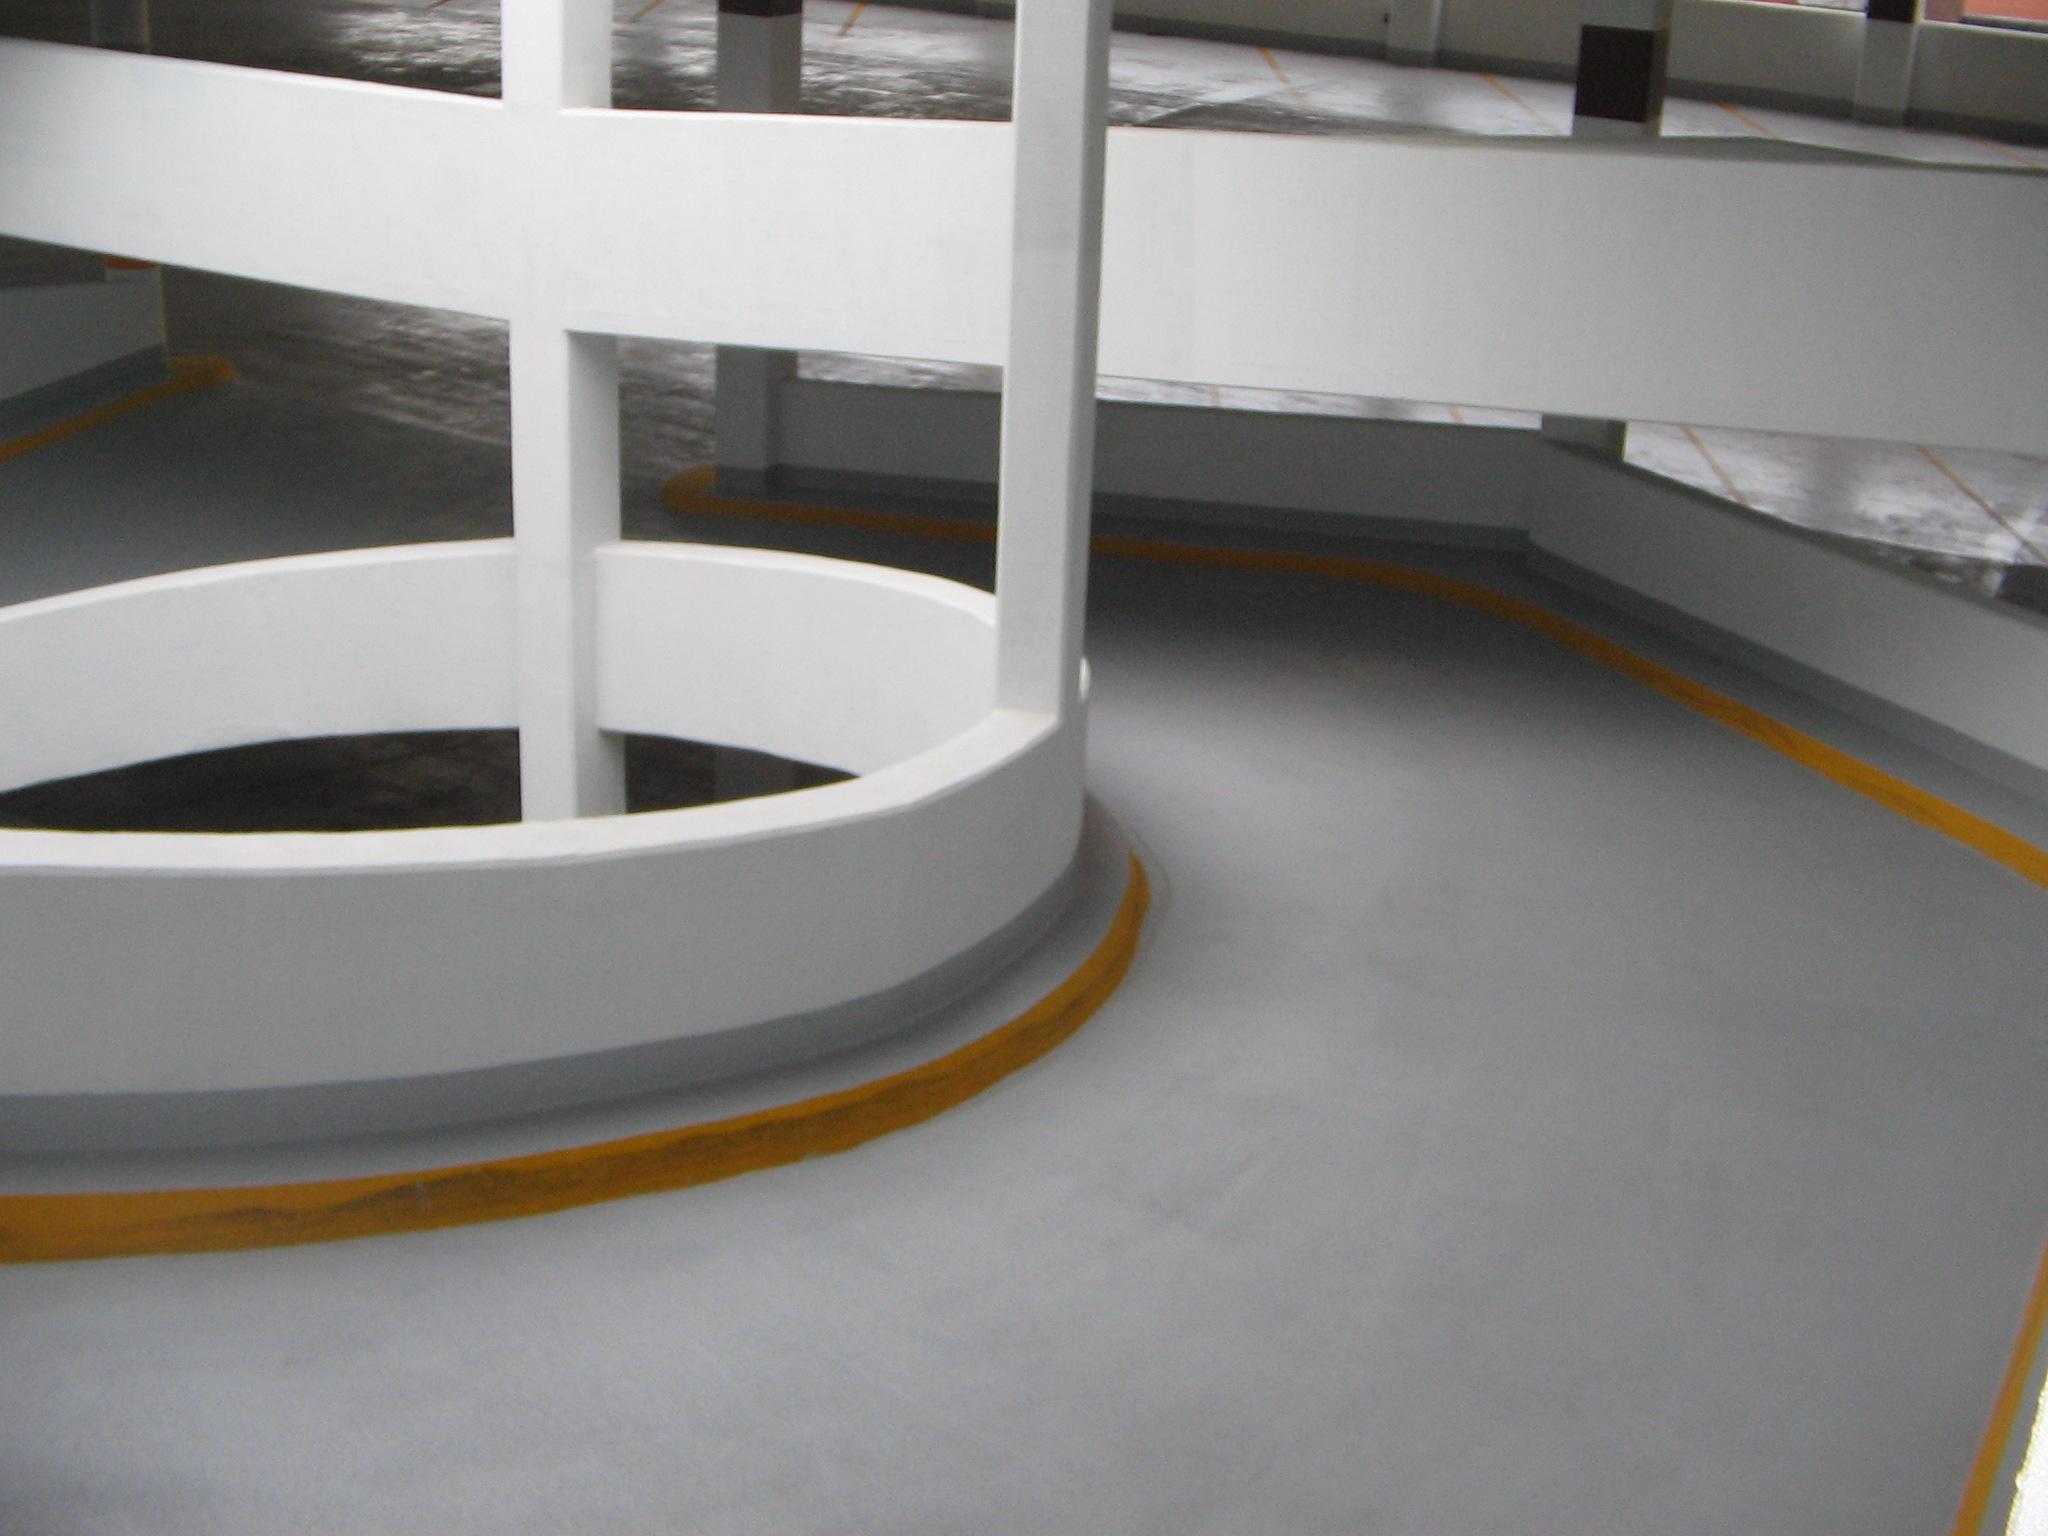 membrane-insallation-complete-6